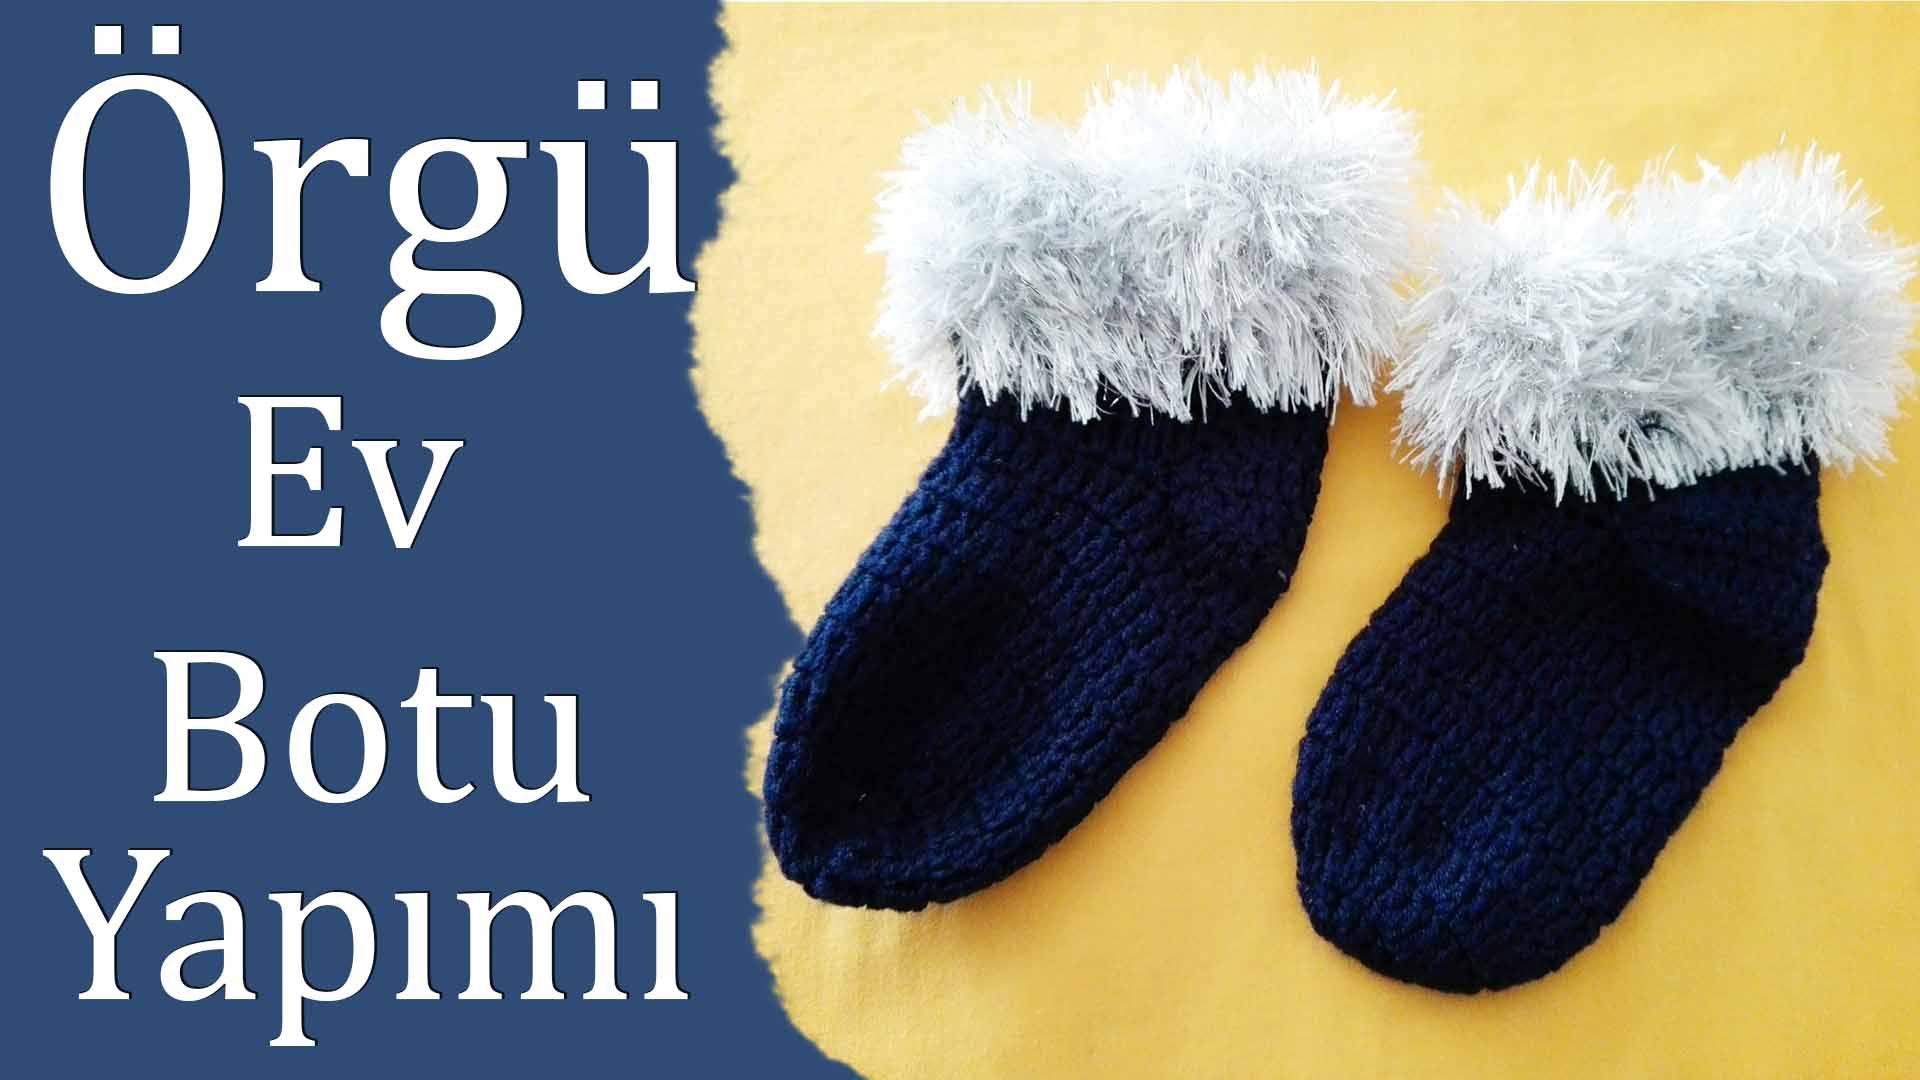 Tüylü Ev Ayakkabısı Patik Modeli Yapılışı Türkçe Videolu